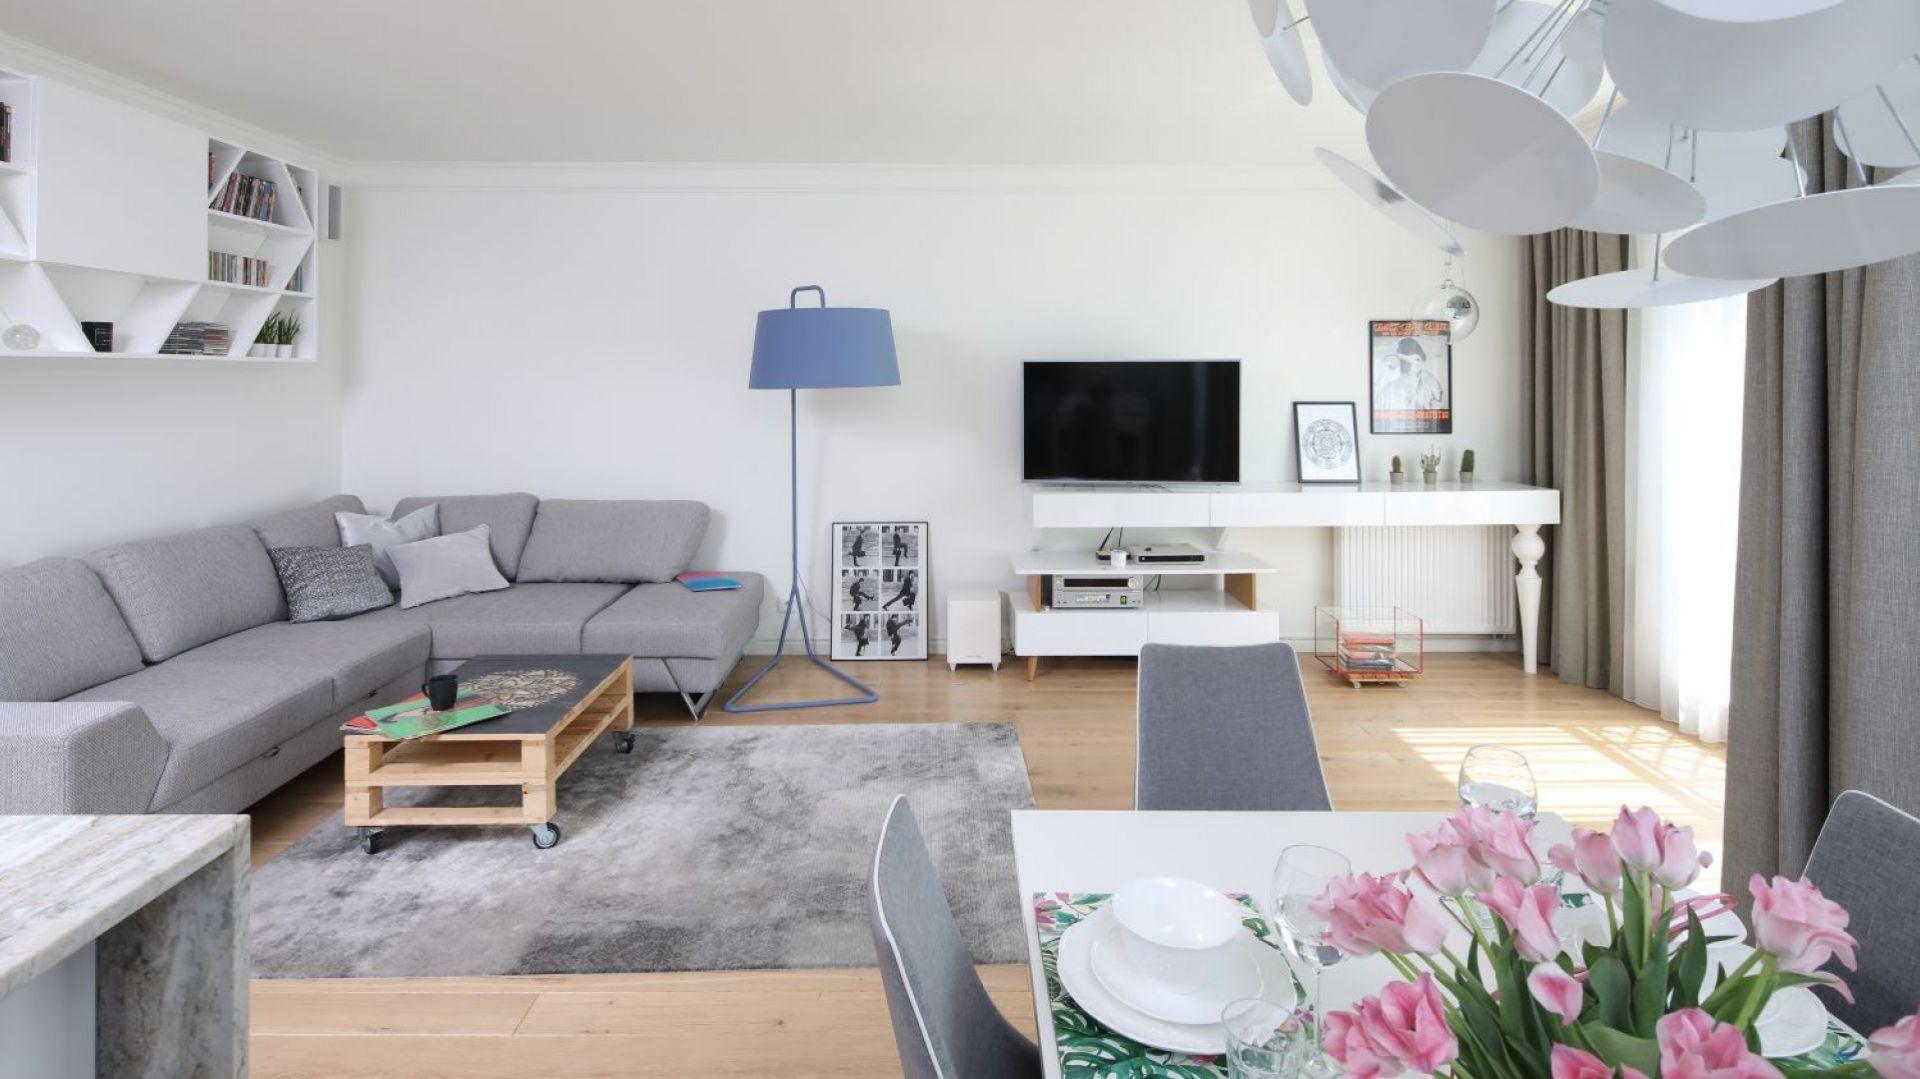 Salon połączony z kuchnią i jadalnią. Projekt: Laura Sulzik. Fot. Bartosz Jarosz